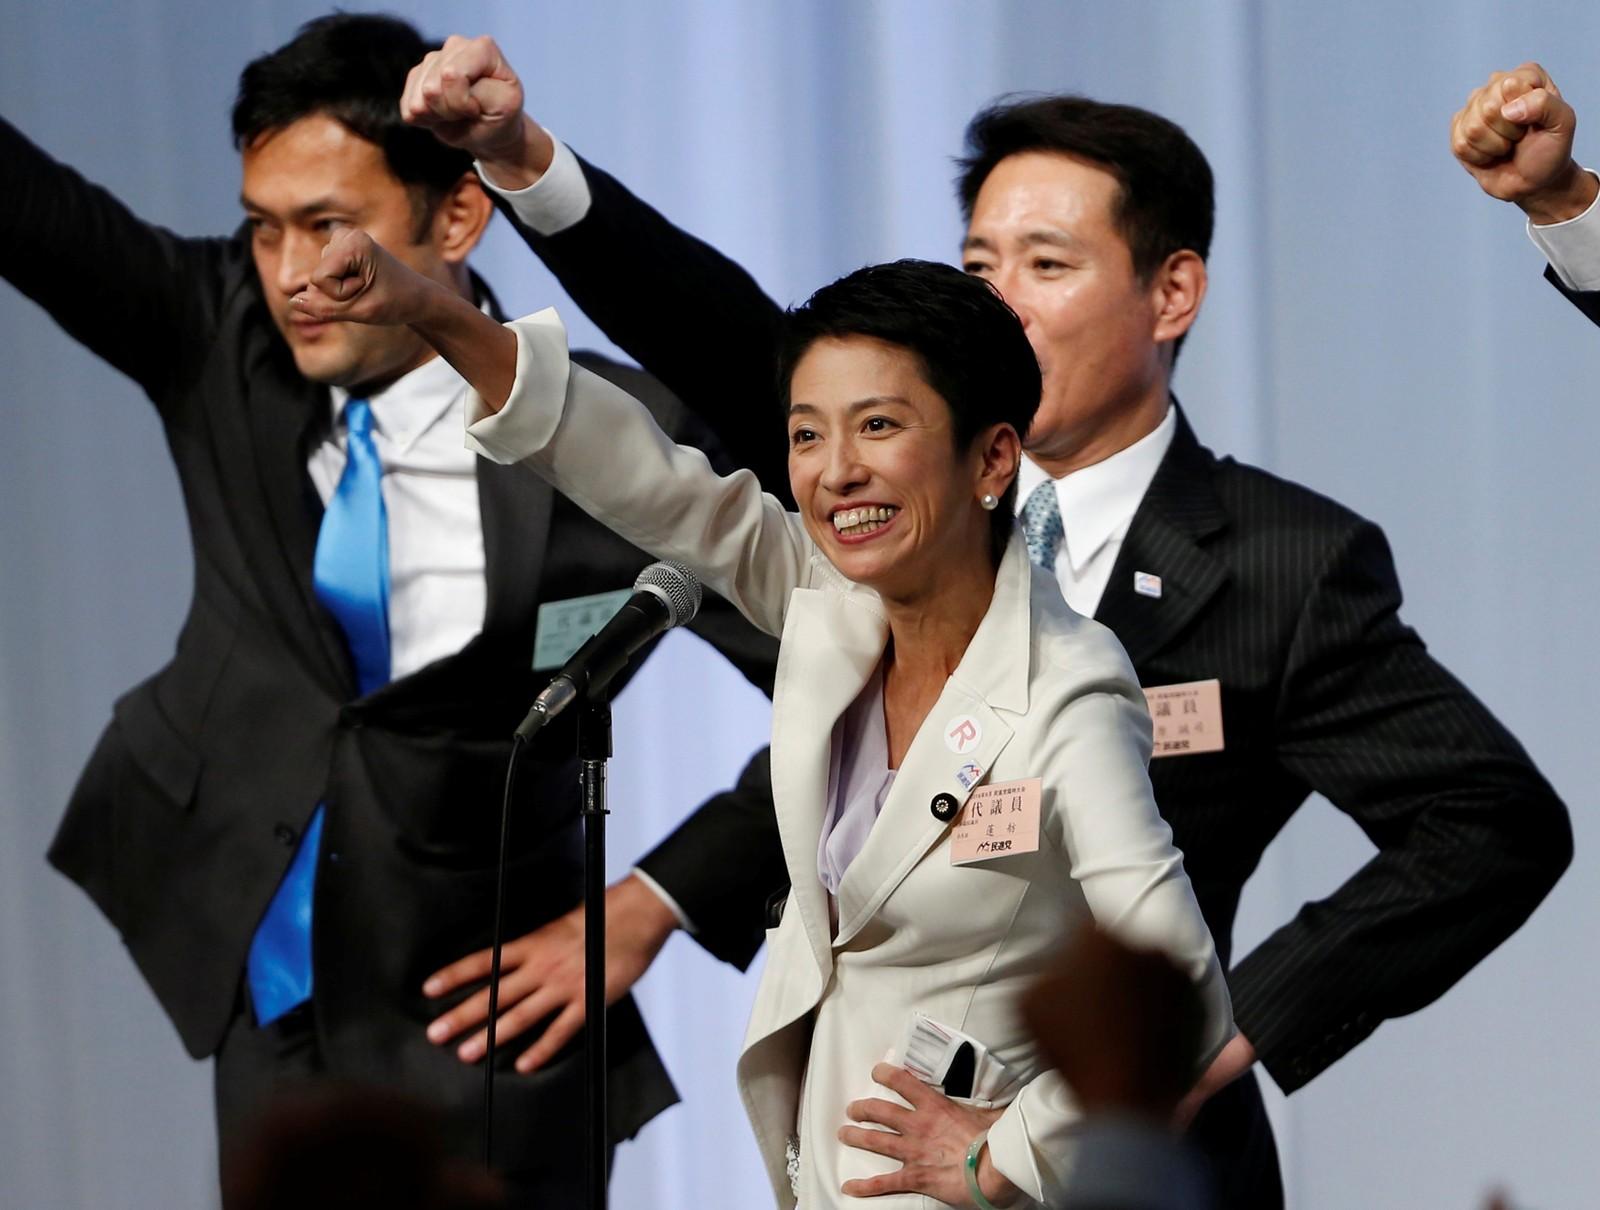 Renho (i midten) løfter en knyttet neve og feirer at hun ble valgt til ny leder av Japans opposisjonsparti, Demokratipartiet, under generalforsamlingen 15. september.